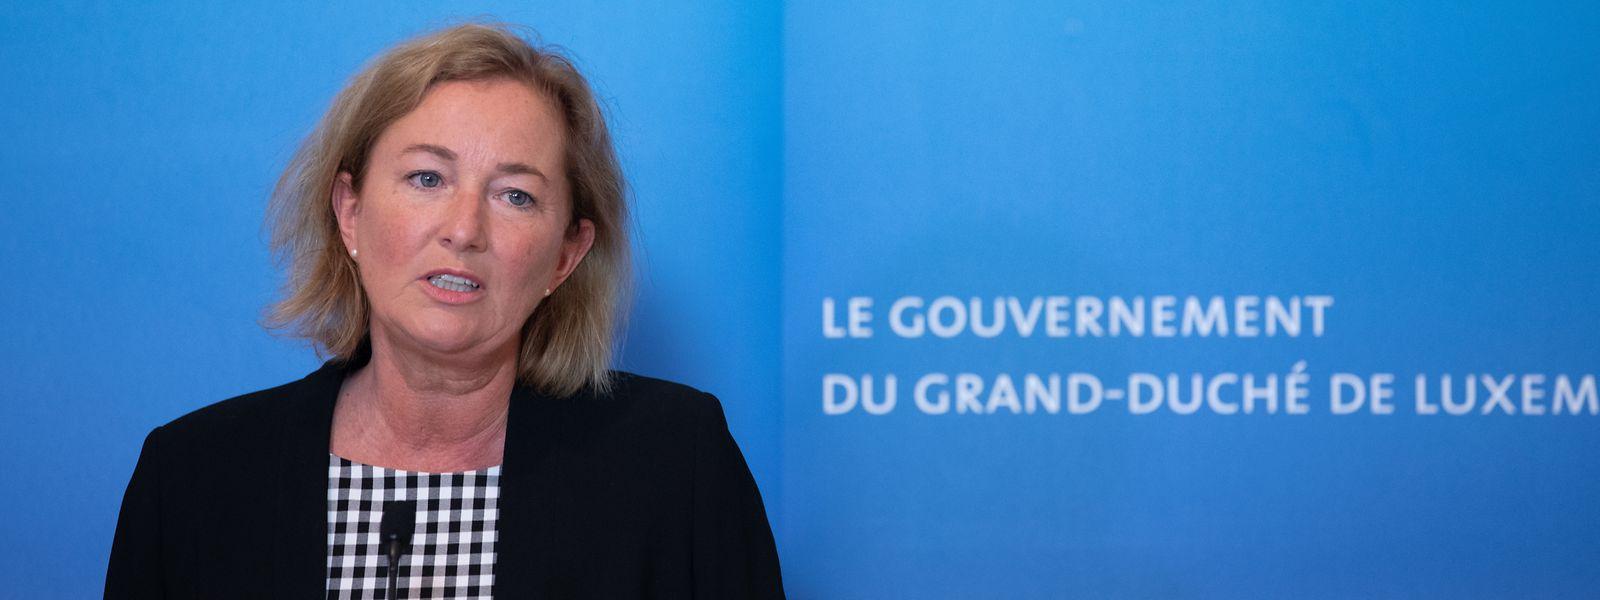 Le variant Delta «est à surveiller de près, car il pourrait changer la donne», estime Paulette Lenert, ministre de la Santé.